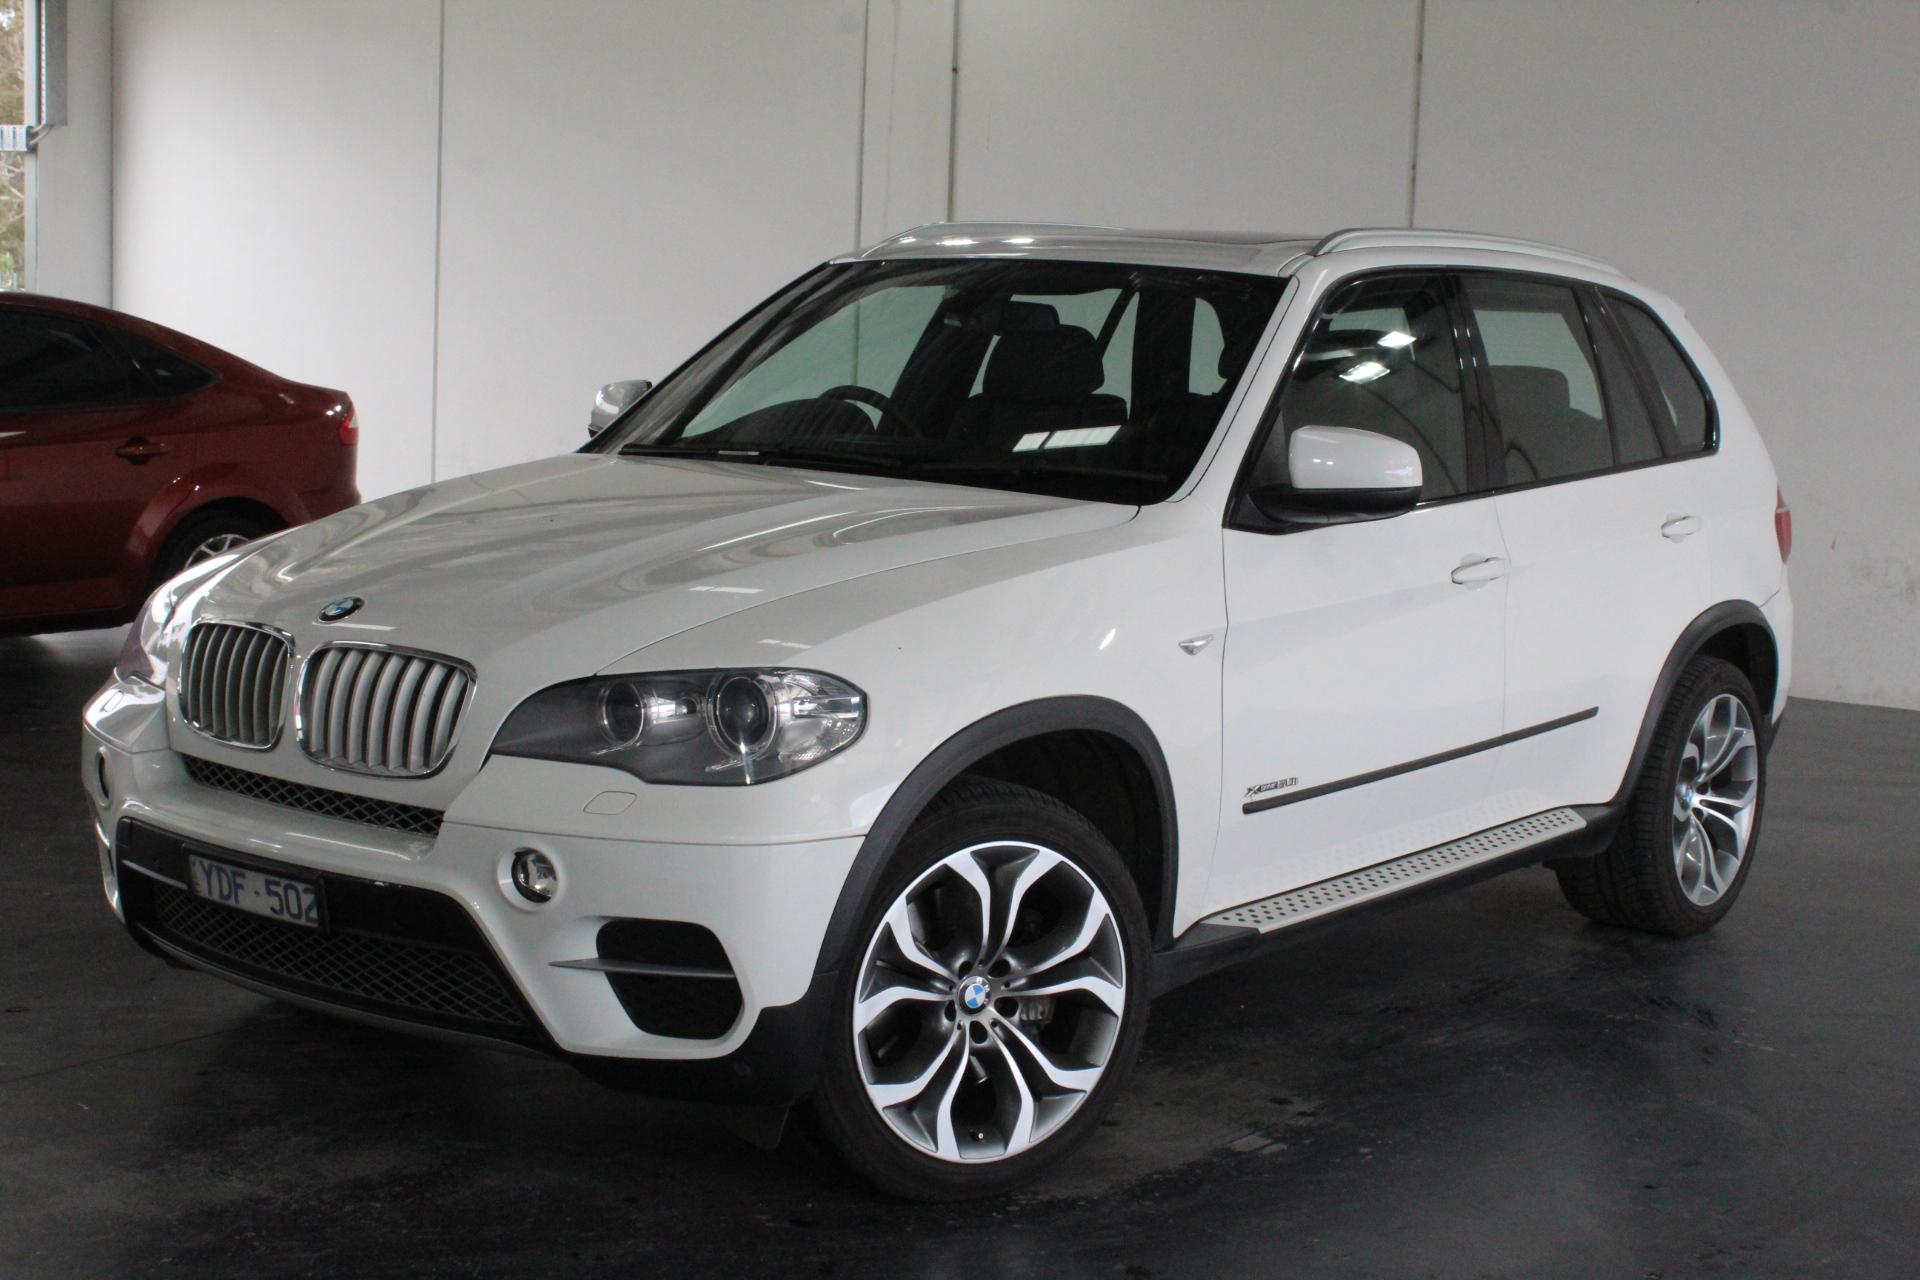 2011 BMW X5 xDrive 50i SPORT E70 LCI Automatic - 8 Speed Wagon